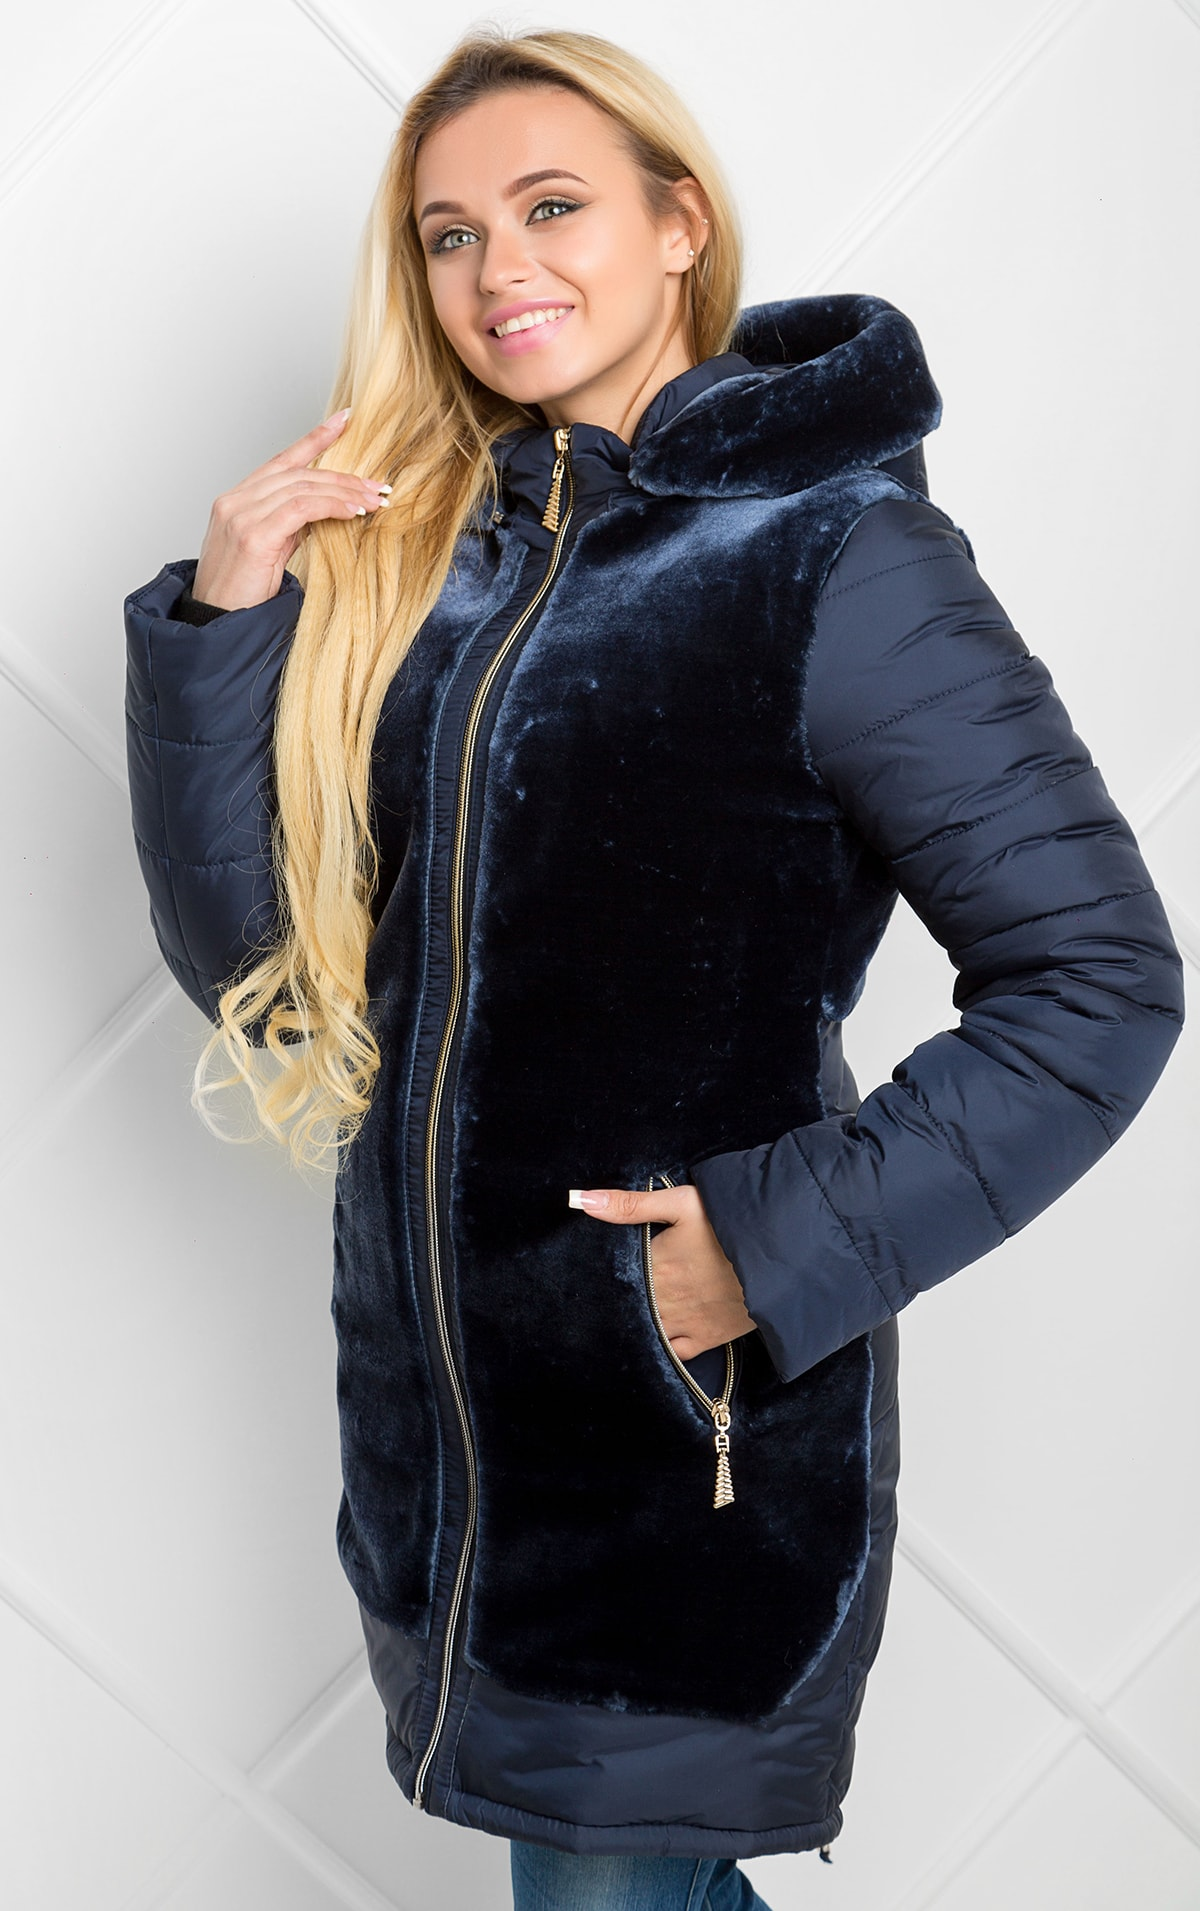 d152a8a024c Image Image Image. Распродажа Продано. Зимняя длинная женская куртка ...